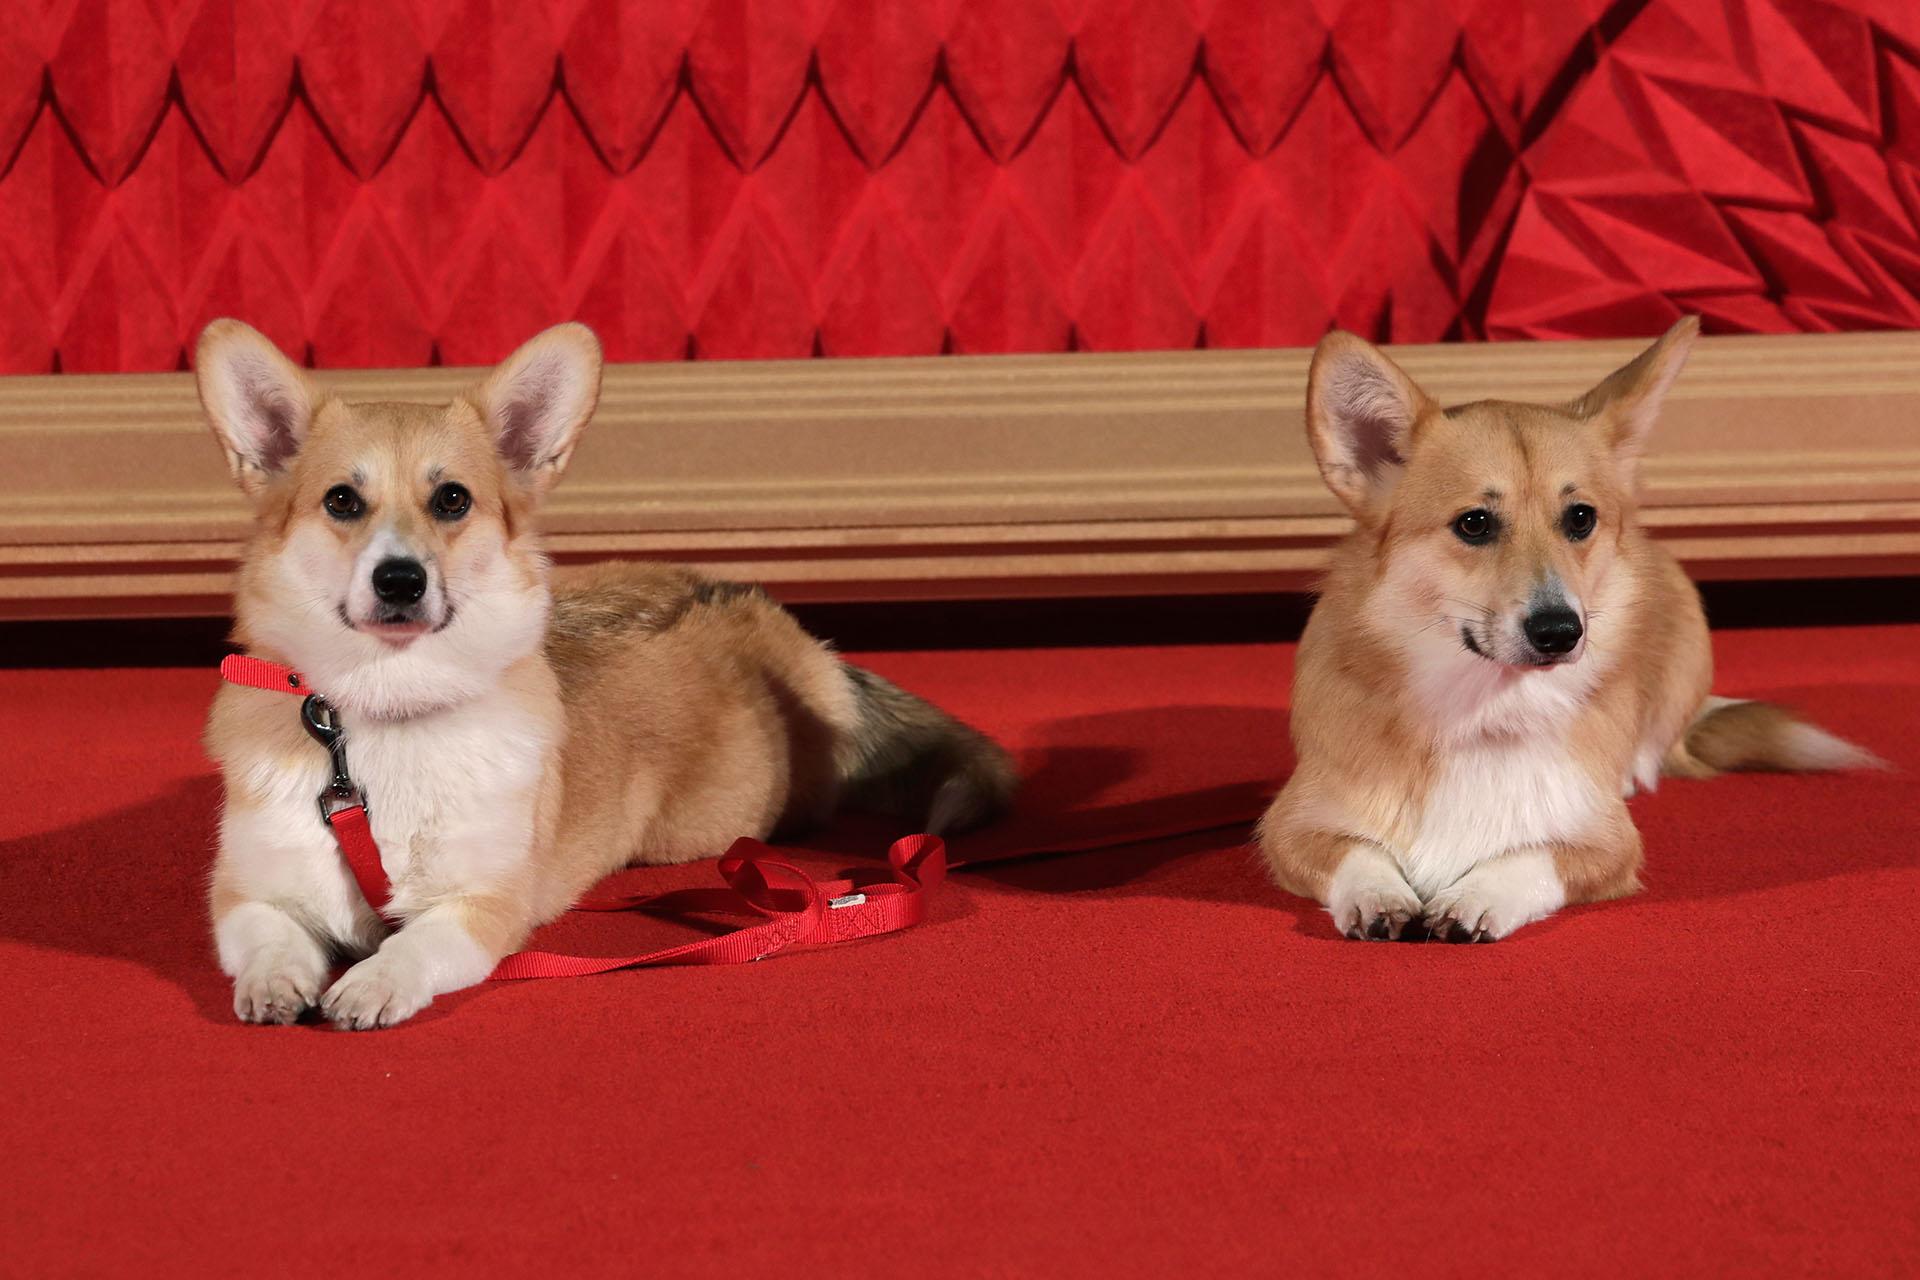 La ternura de los perros de la serie también estuvo presente en la red carpet londinense